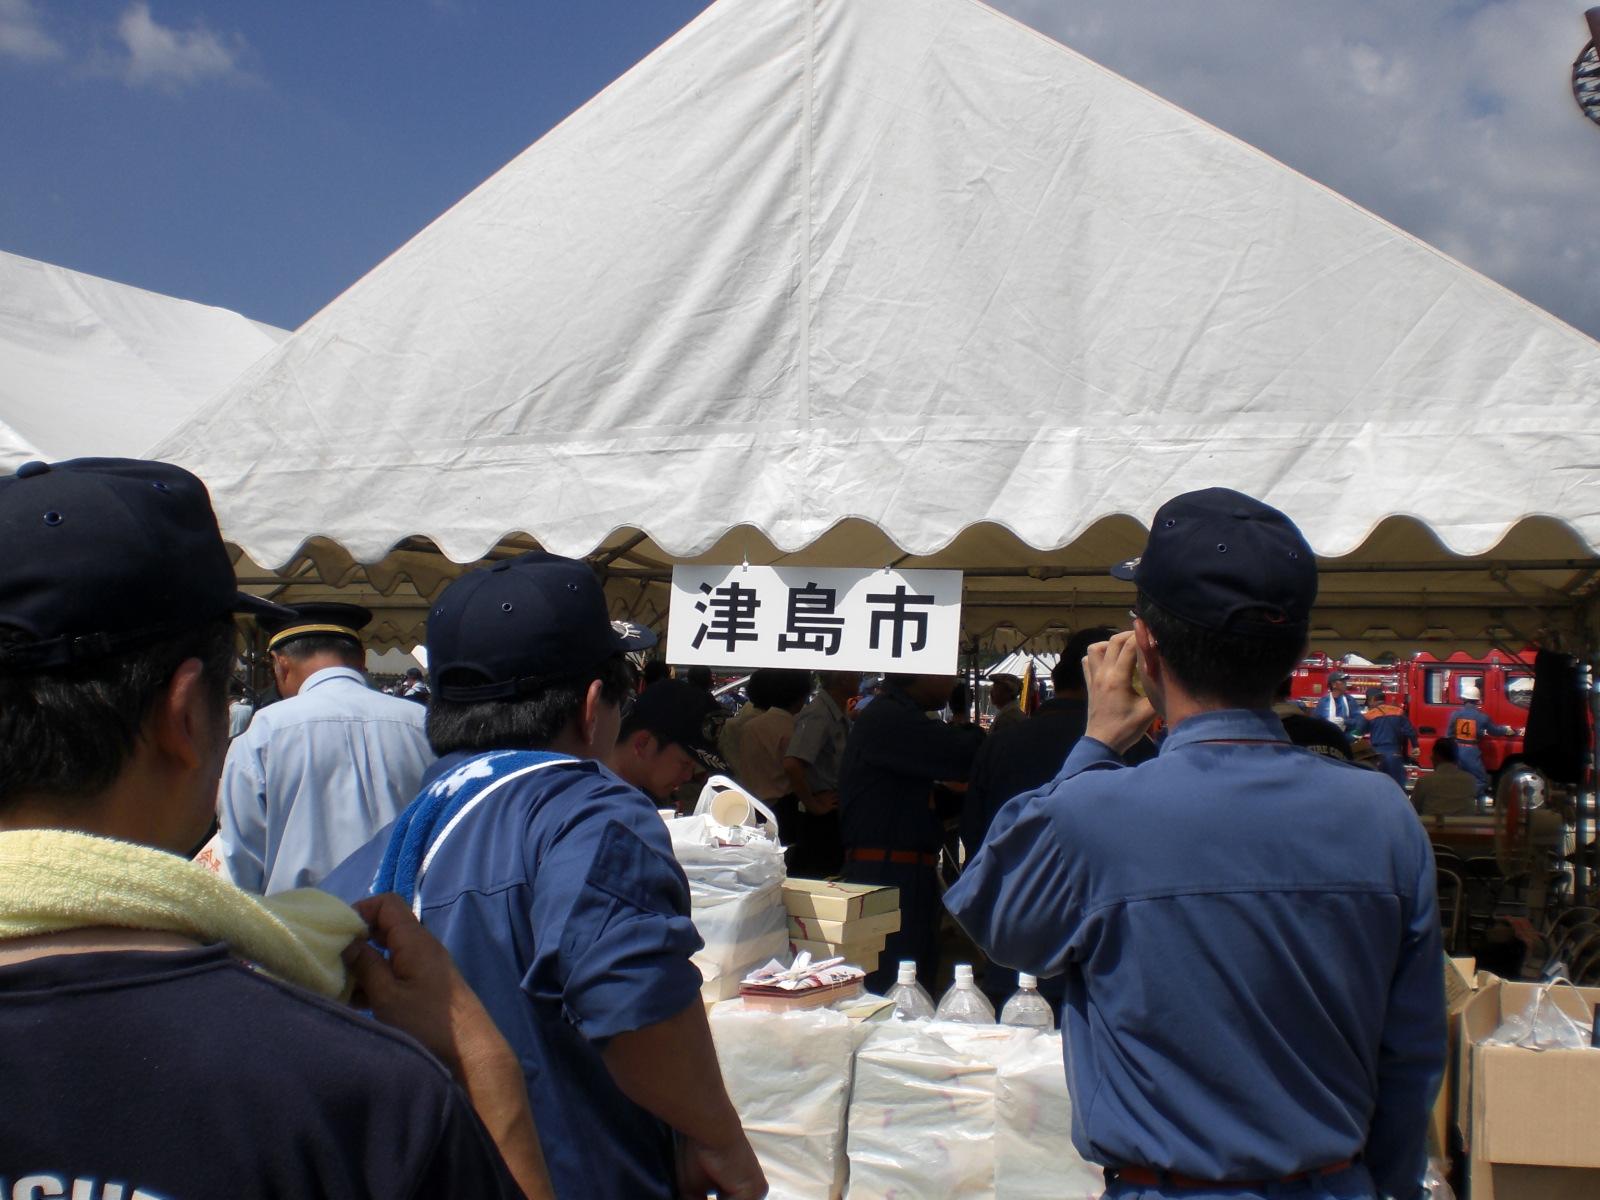 津島市のテント